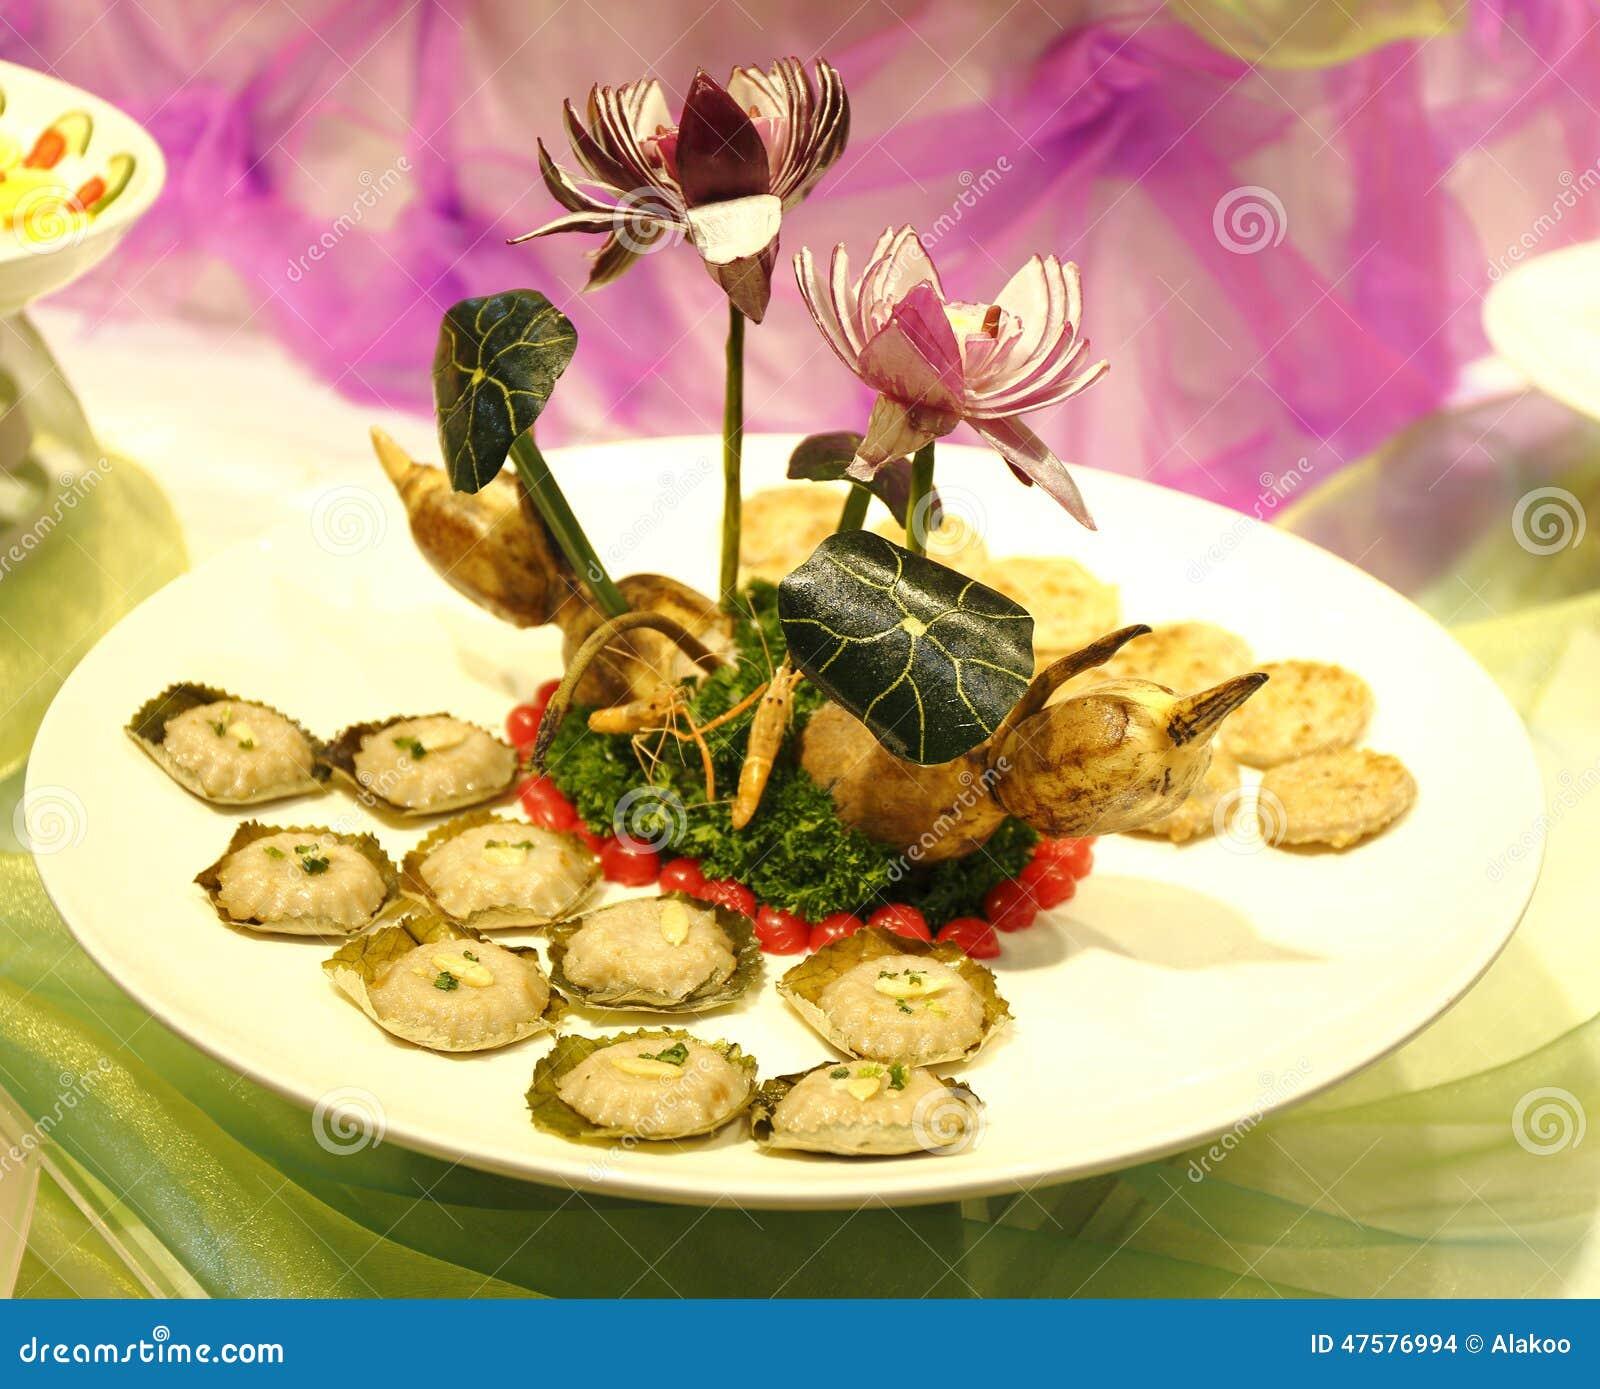 亚洲繁体中文烹调、肉馅饼和莲花根源,中国食物,传统亚洲烹调,可口亚洲食物